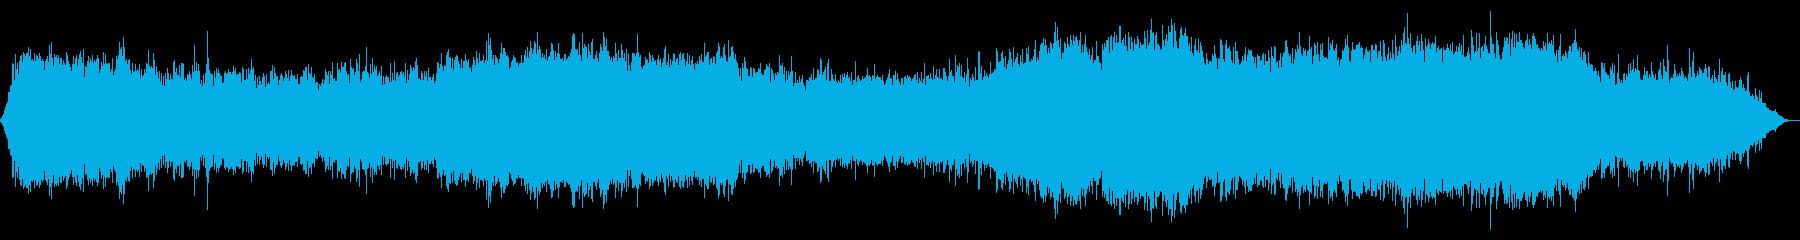 ノスタルジックで幻想的な楽曲の再生済みの波形